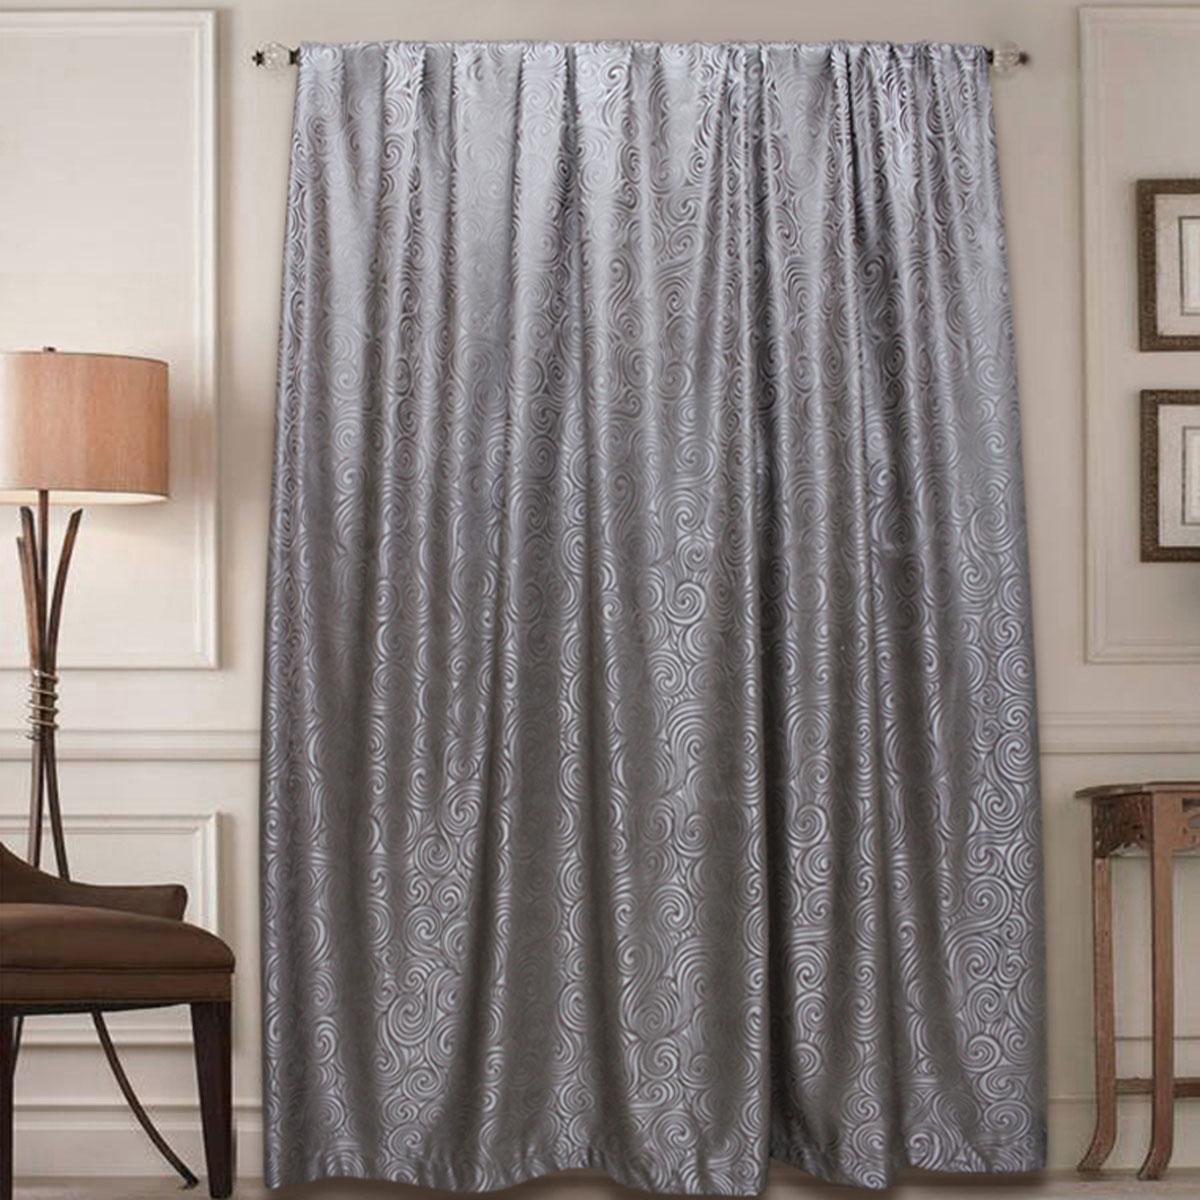 Штора Amore Mio, на ленте, цвет: серый, высота 270 см77631Готовая штора Amore Mio - это роскошная портьера для яркого и стильного оформления окон и создания особенной уютной атмосферы. Она великолепно смотрится как одна, так и в паре, в комбинации с нежной тюлевой занавеской, собранная на подхваты и свободно ниспадающая естественными складками.Такая штора, изготовленная полностью из прочного и очень практичного полиэстера, долговечна и не боится стирок, не сминается, не теряет своего блеска и яркости красок.